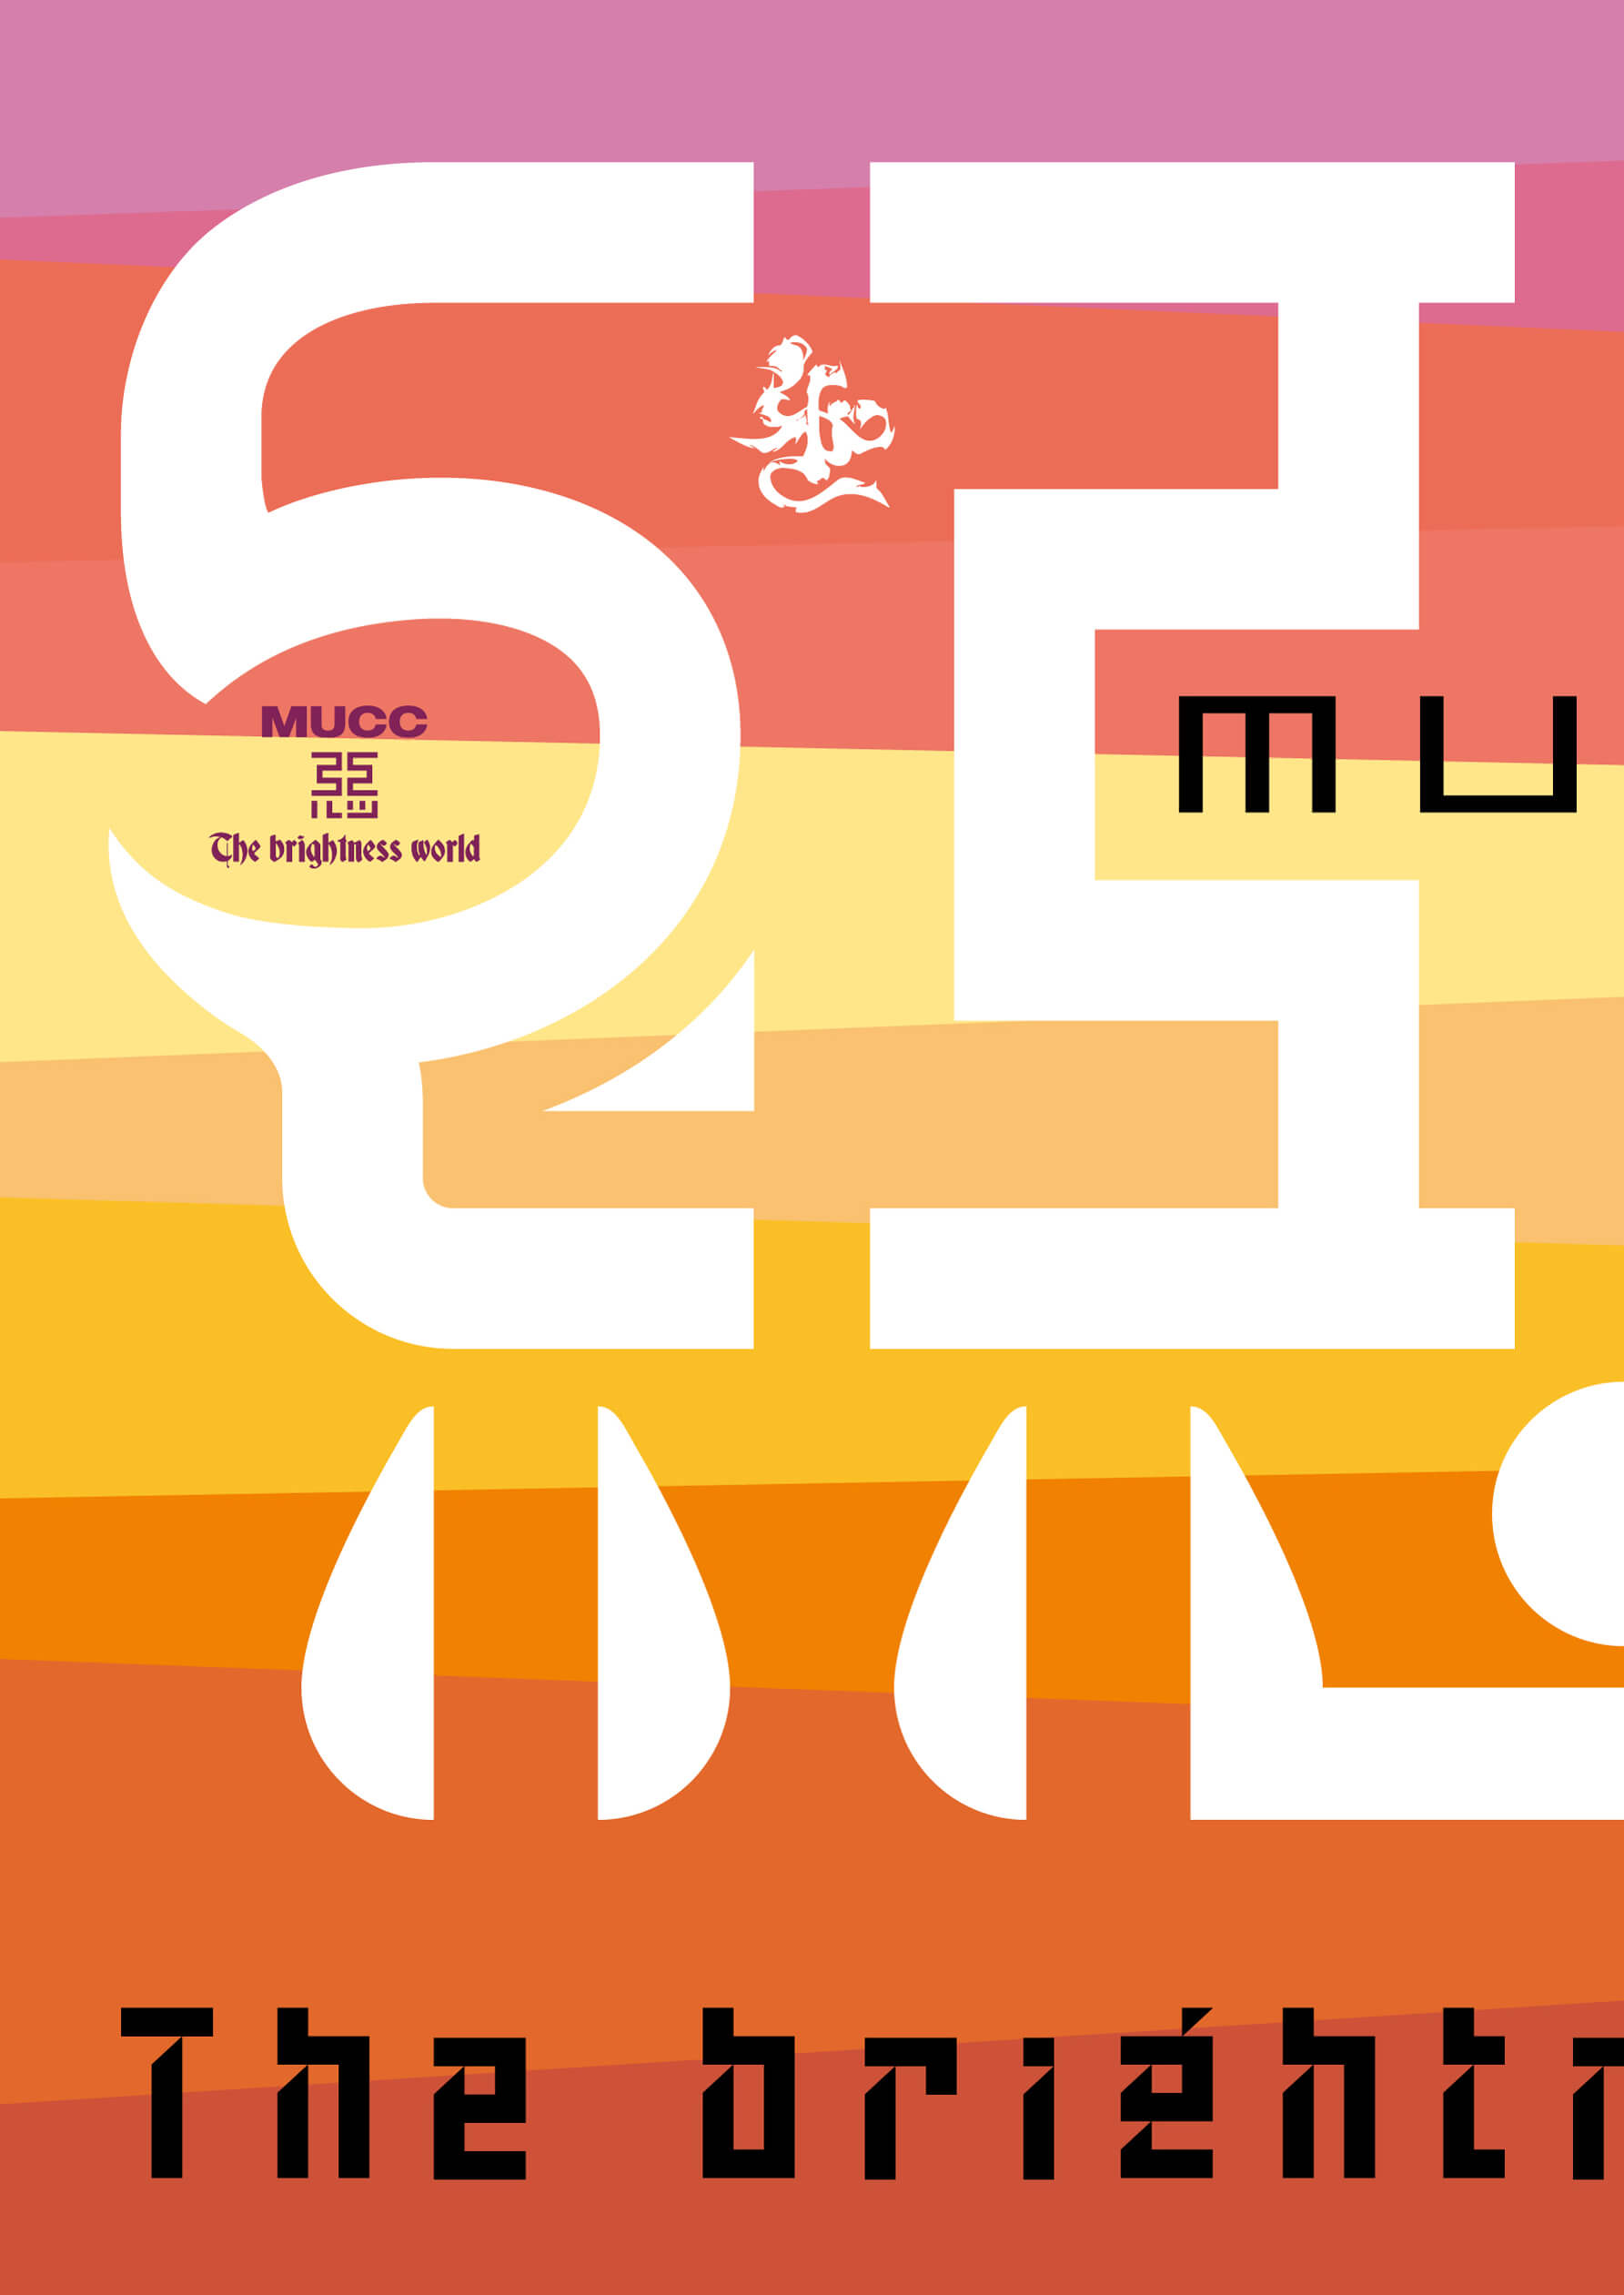 6/9(火)発売 MUCC/惡-The brightness world 通常盤 (Blu-ray)【anysee.jp限定特典 プリントチェキ4種中1種ランダム】